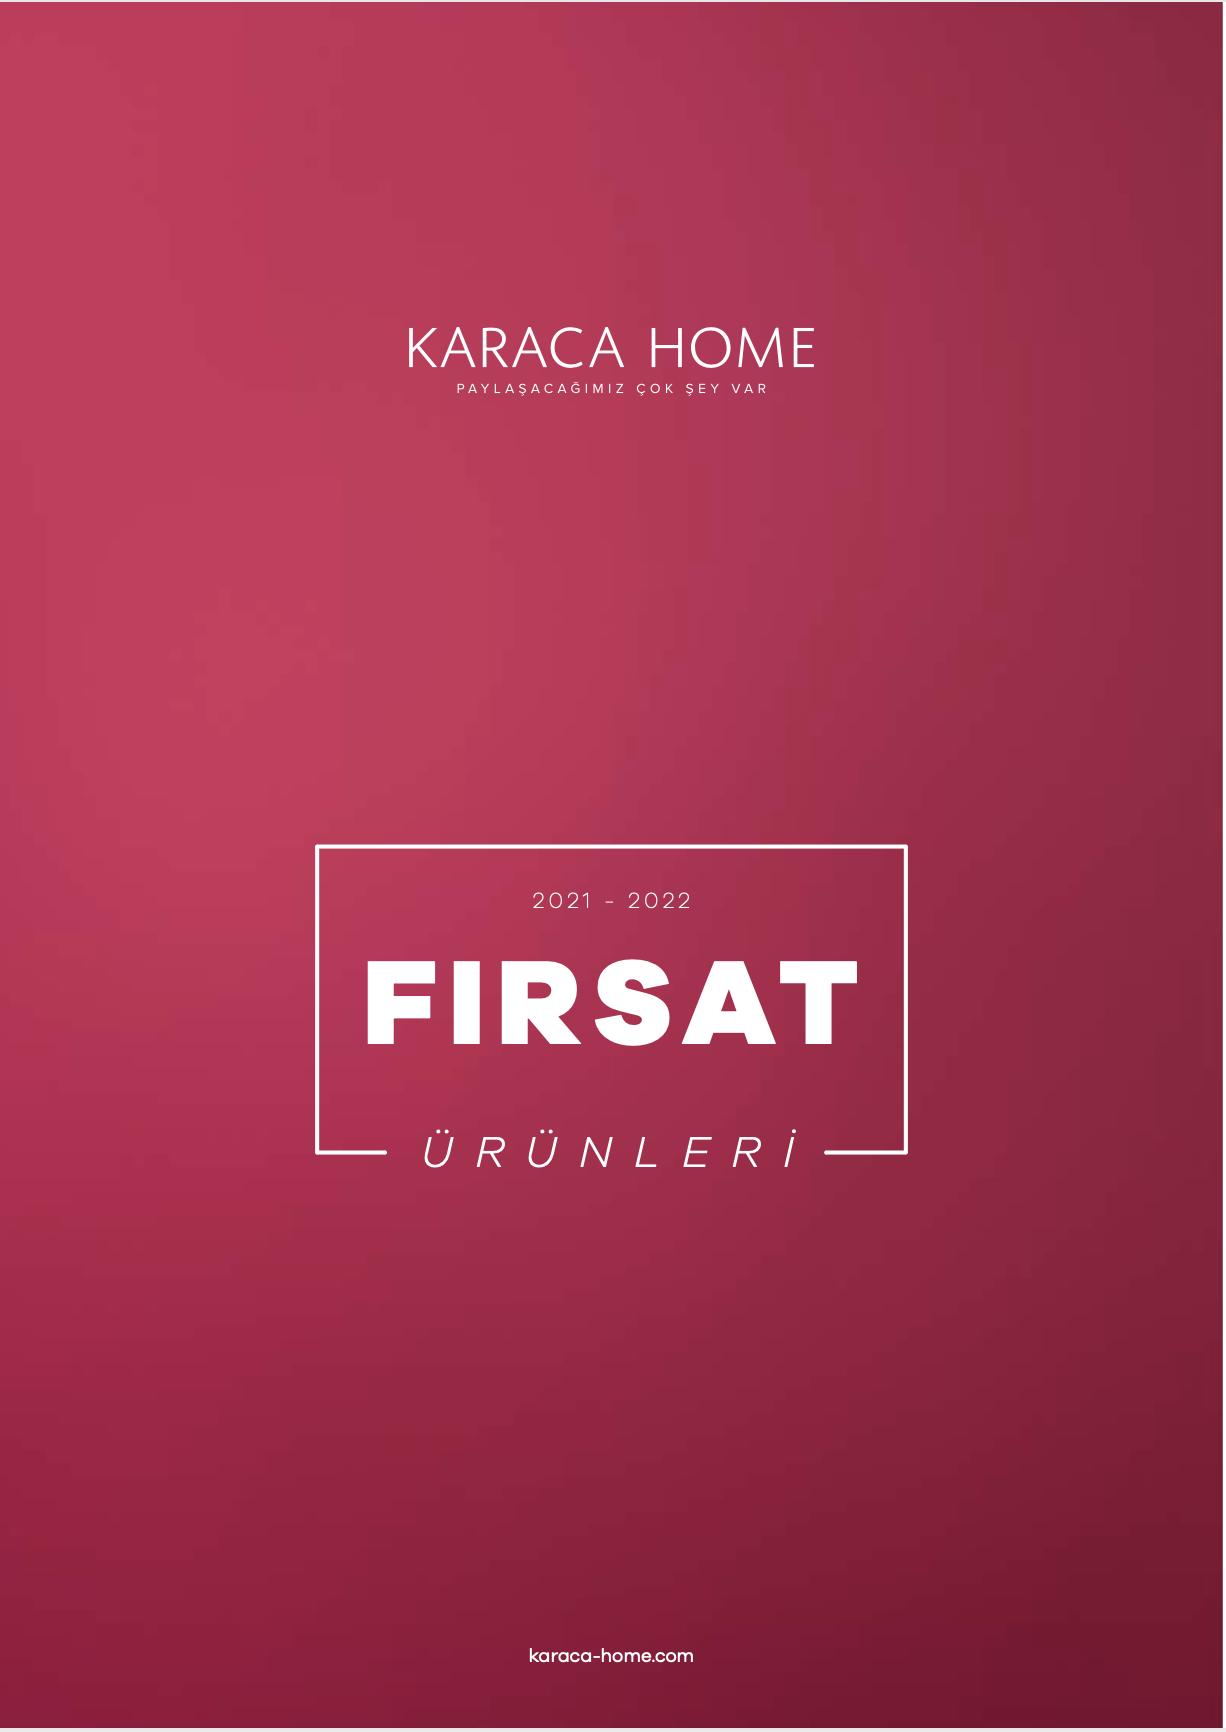 Karaca Home Fırsat Ürünleri 2021